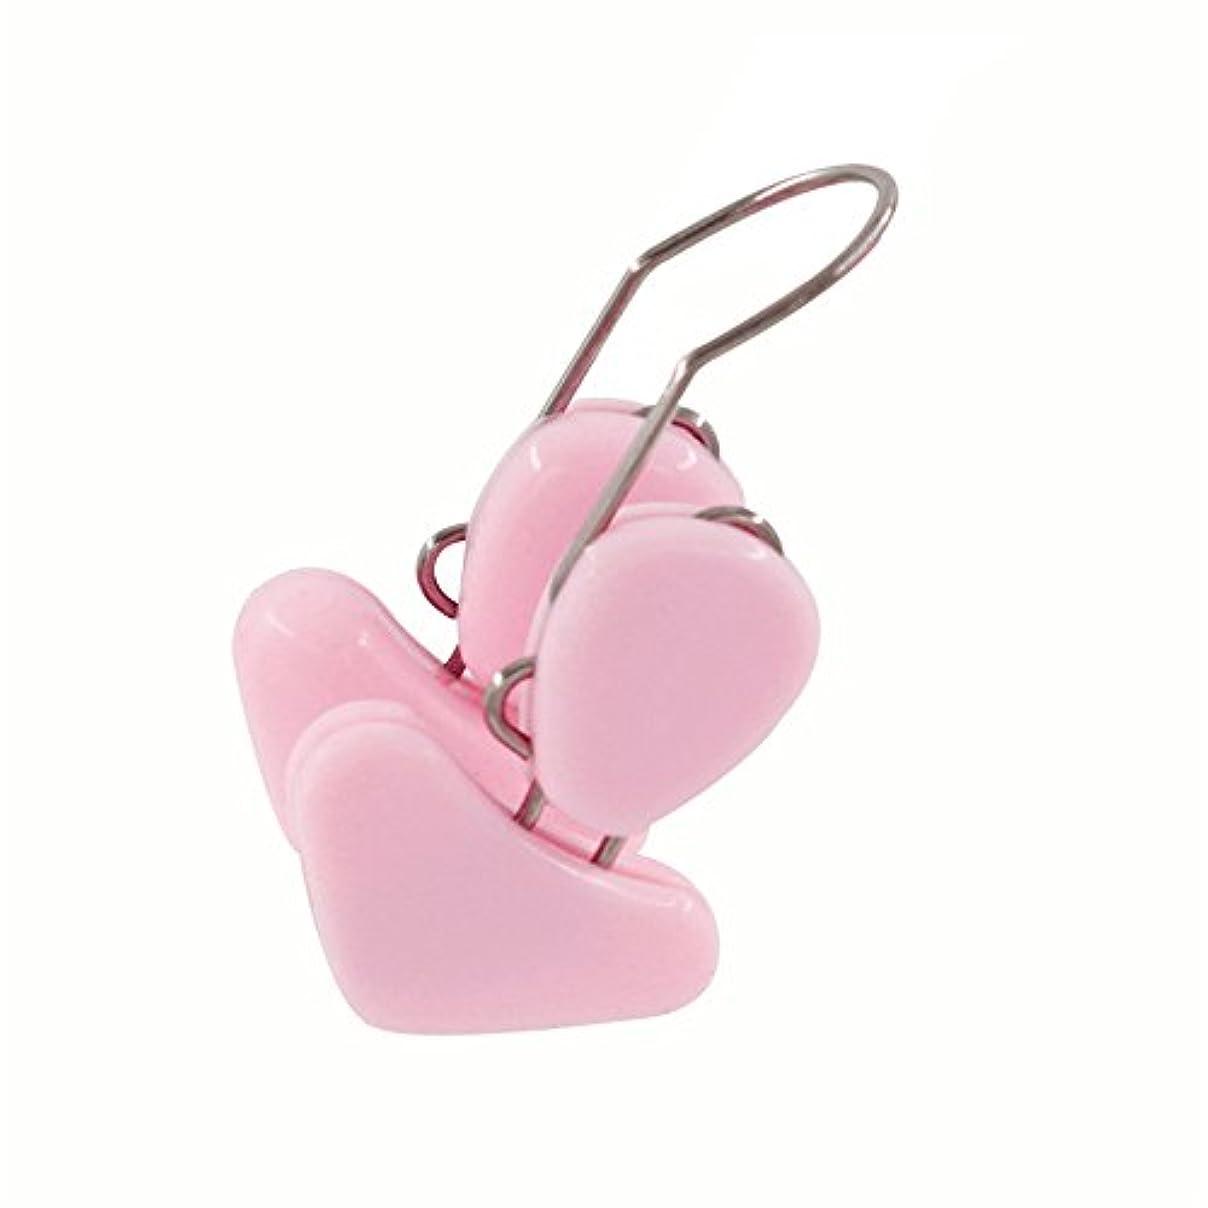 失望悪行申し立てられた鼻 整のクリップ 整形キット 美容クリップ ノーズリフティングシェイパー ストレートホーニングツール ピンク